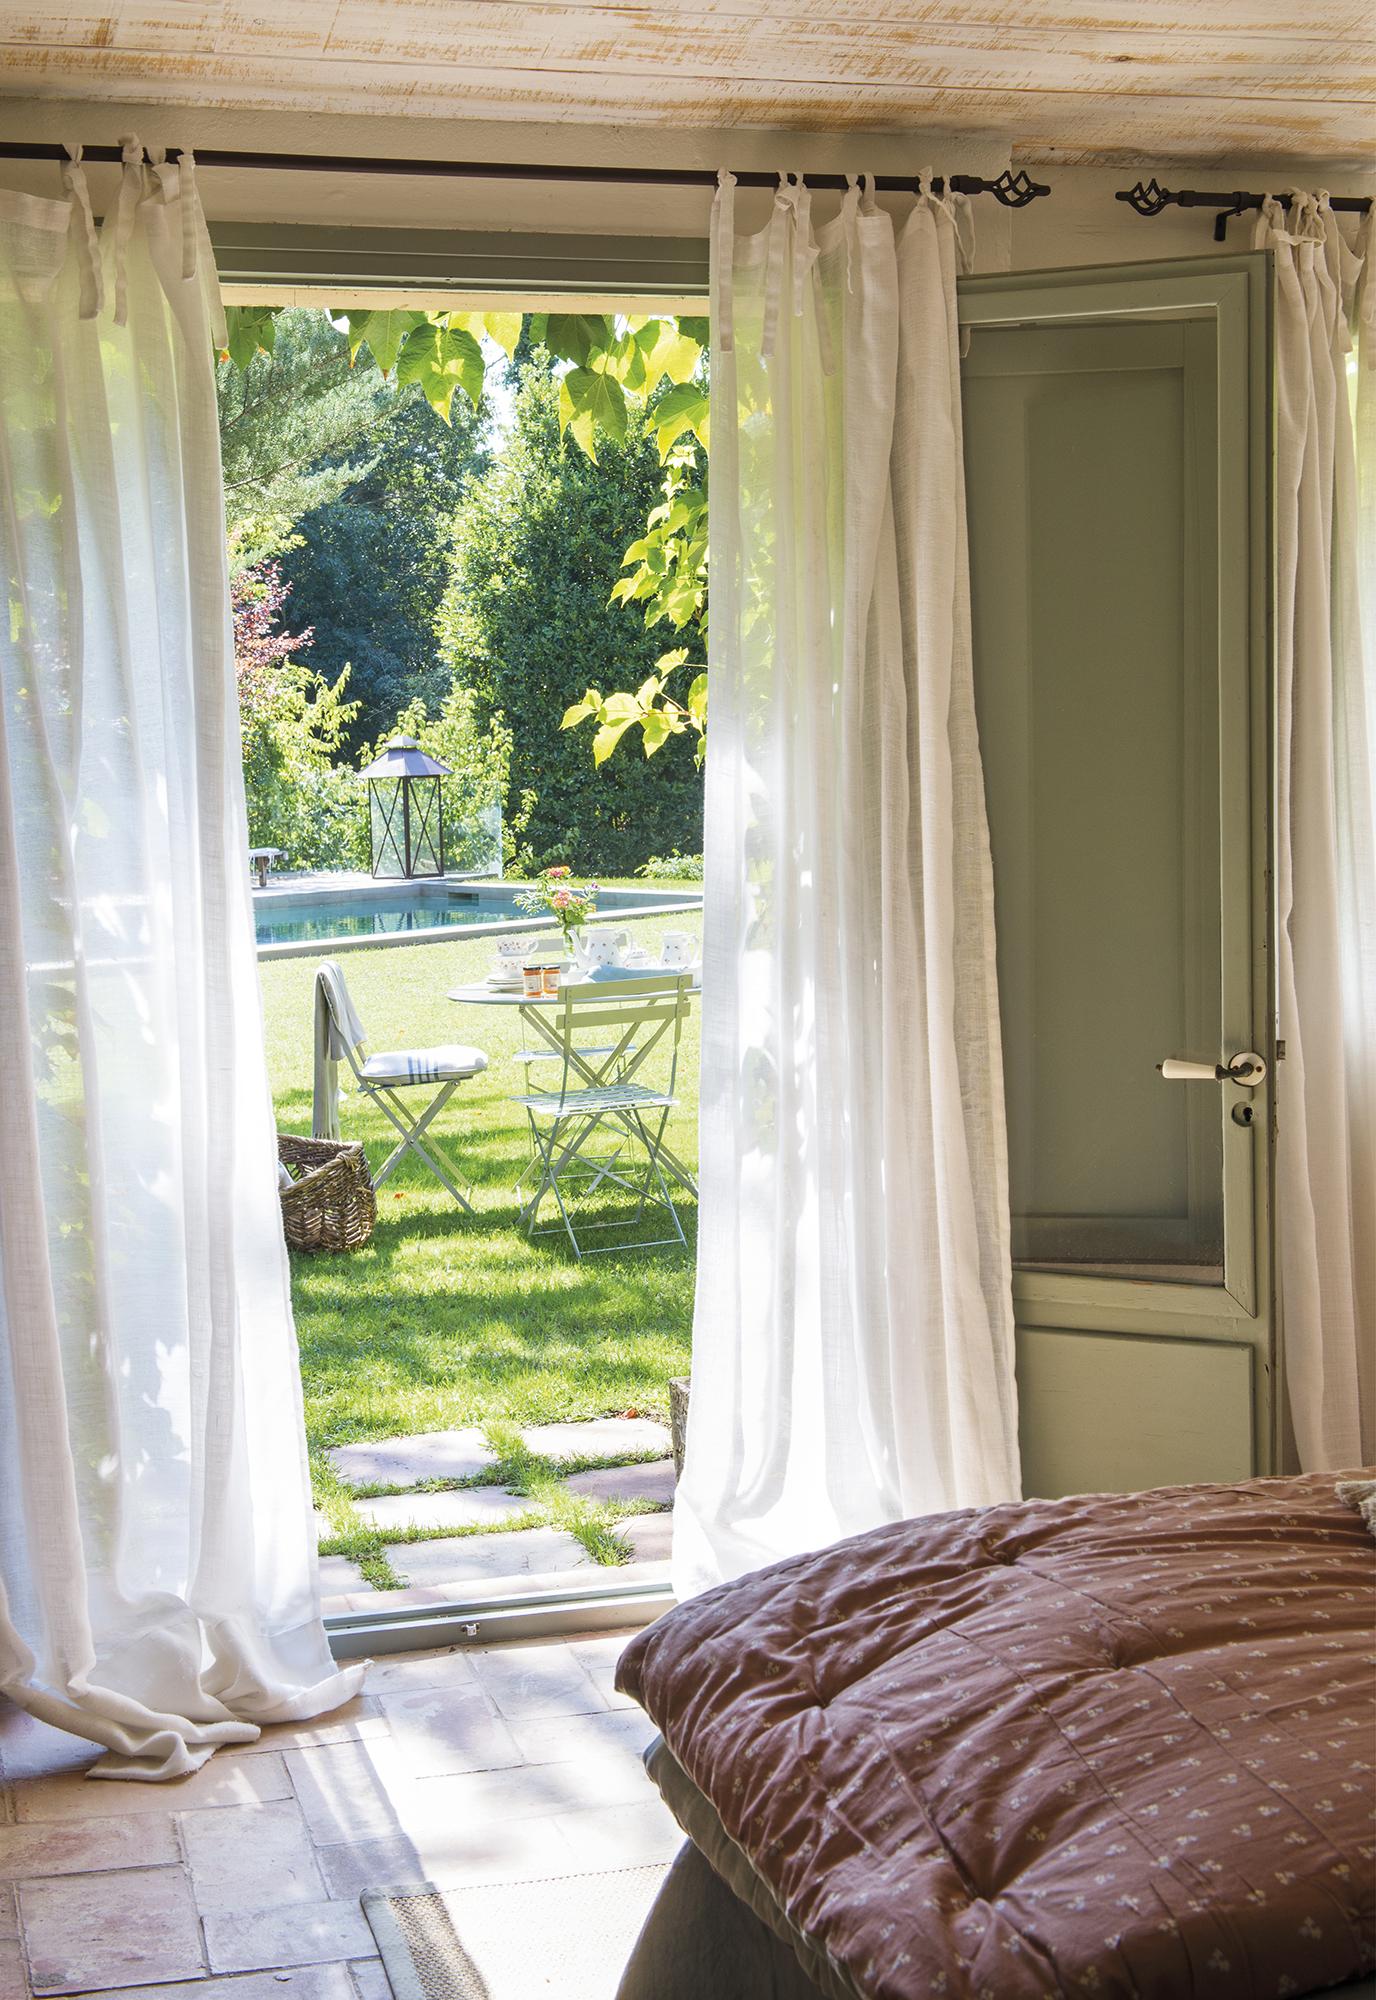 DSC7435. Gran jardín, mesa de exterior, sillas, verano